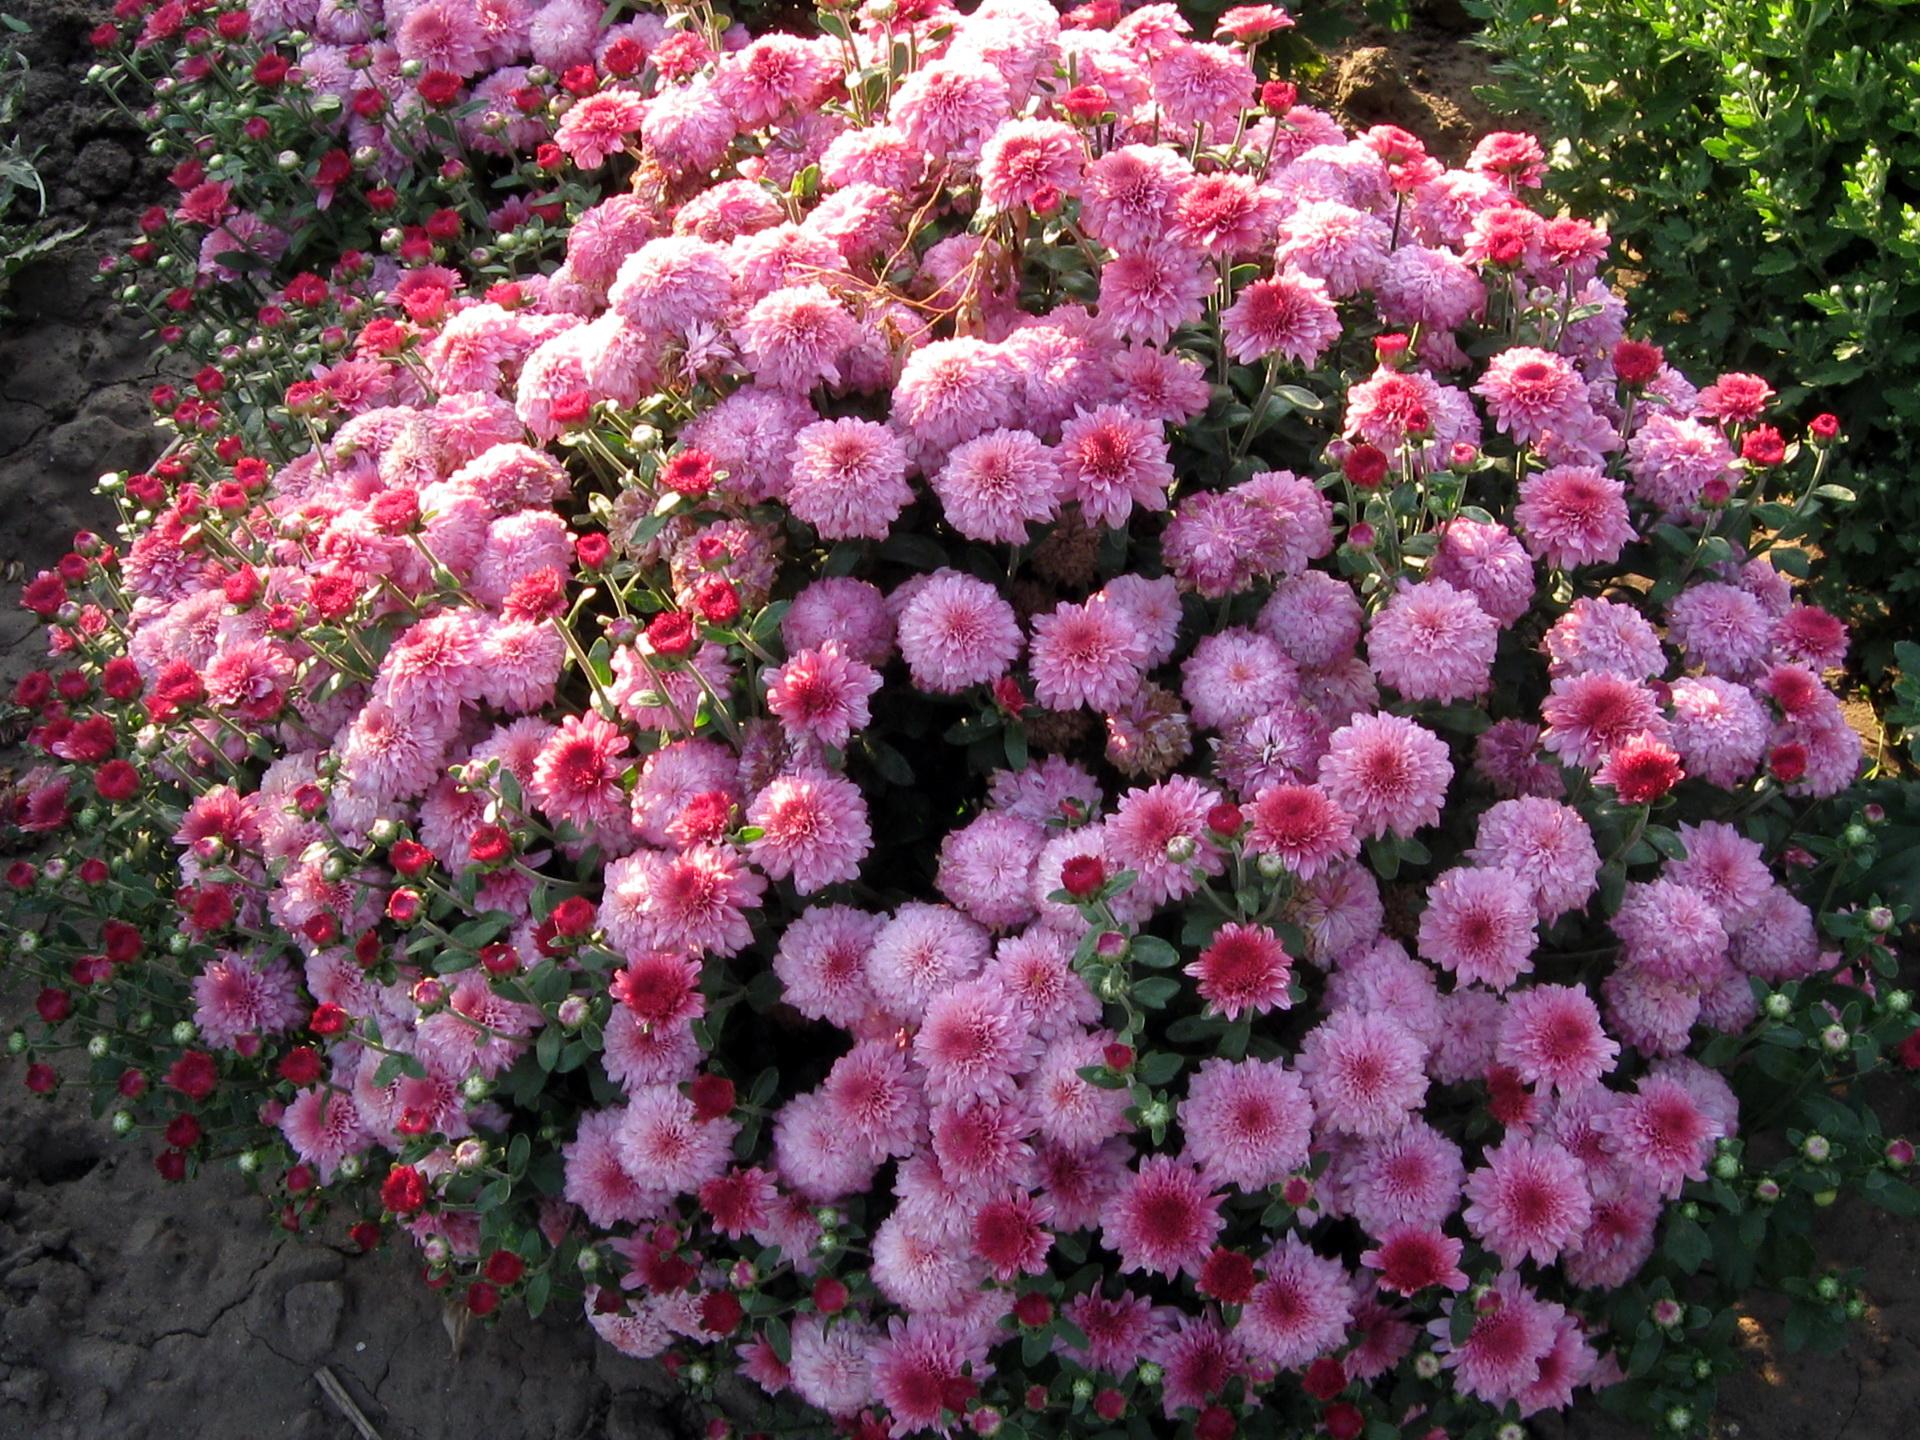 Descargar Fondos De Pantalla Para Pc Flores: Fondos De Pantalla 1920x1440 Crisantemos Flores Descargar